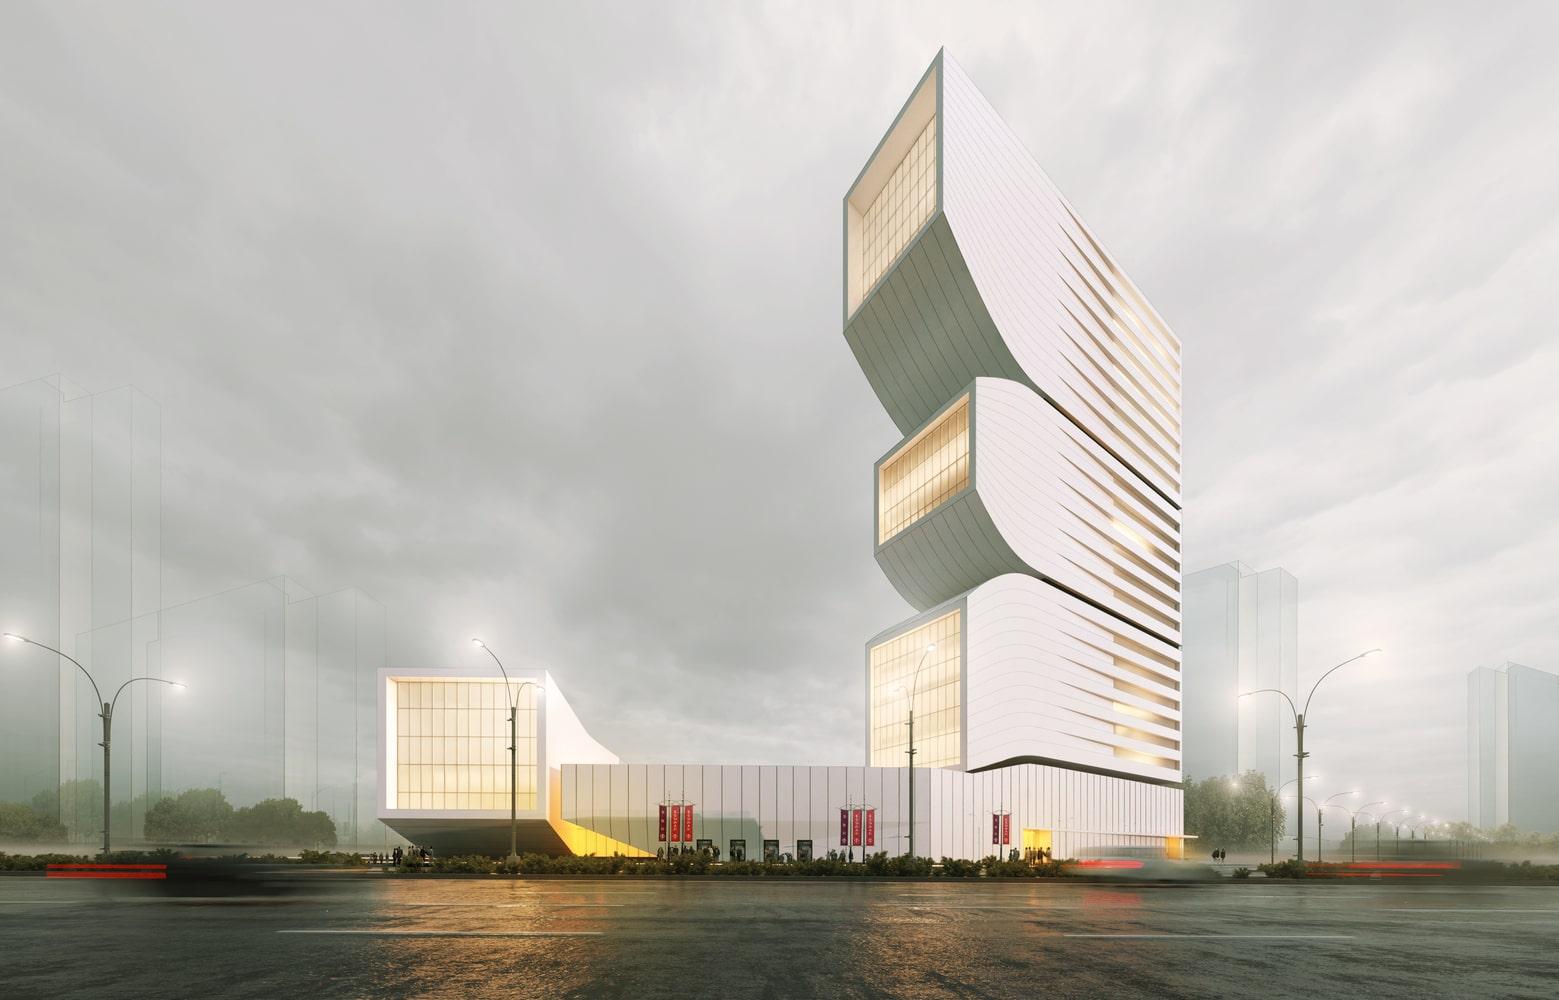 Nextoffice طراحی برج ترکیبی حجمی و مخلوط در ایران